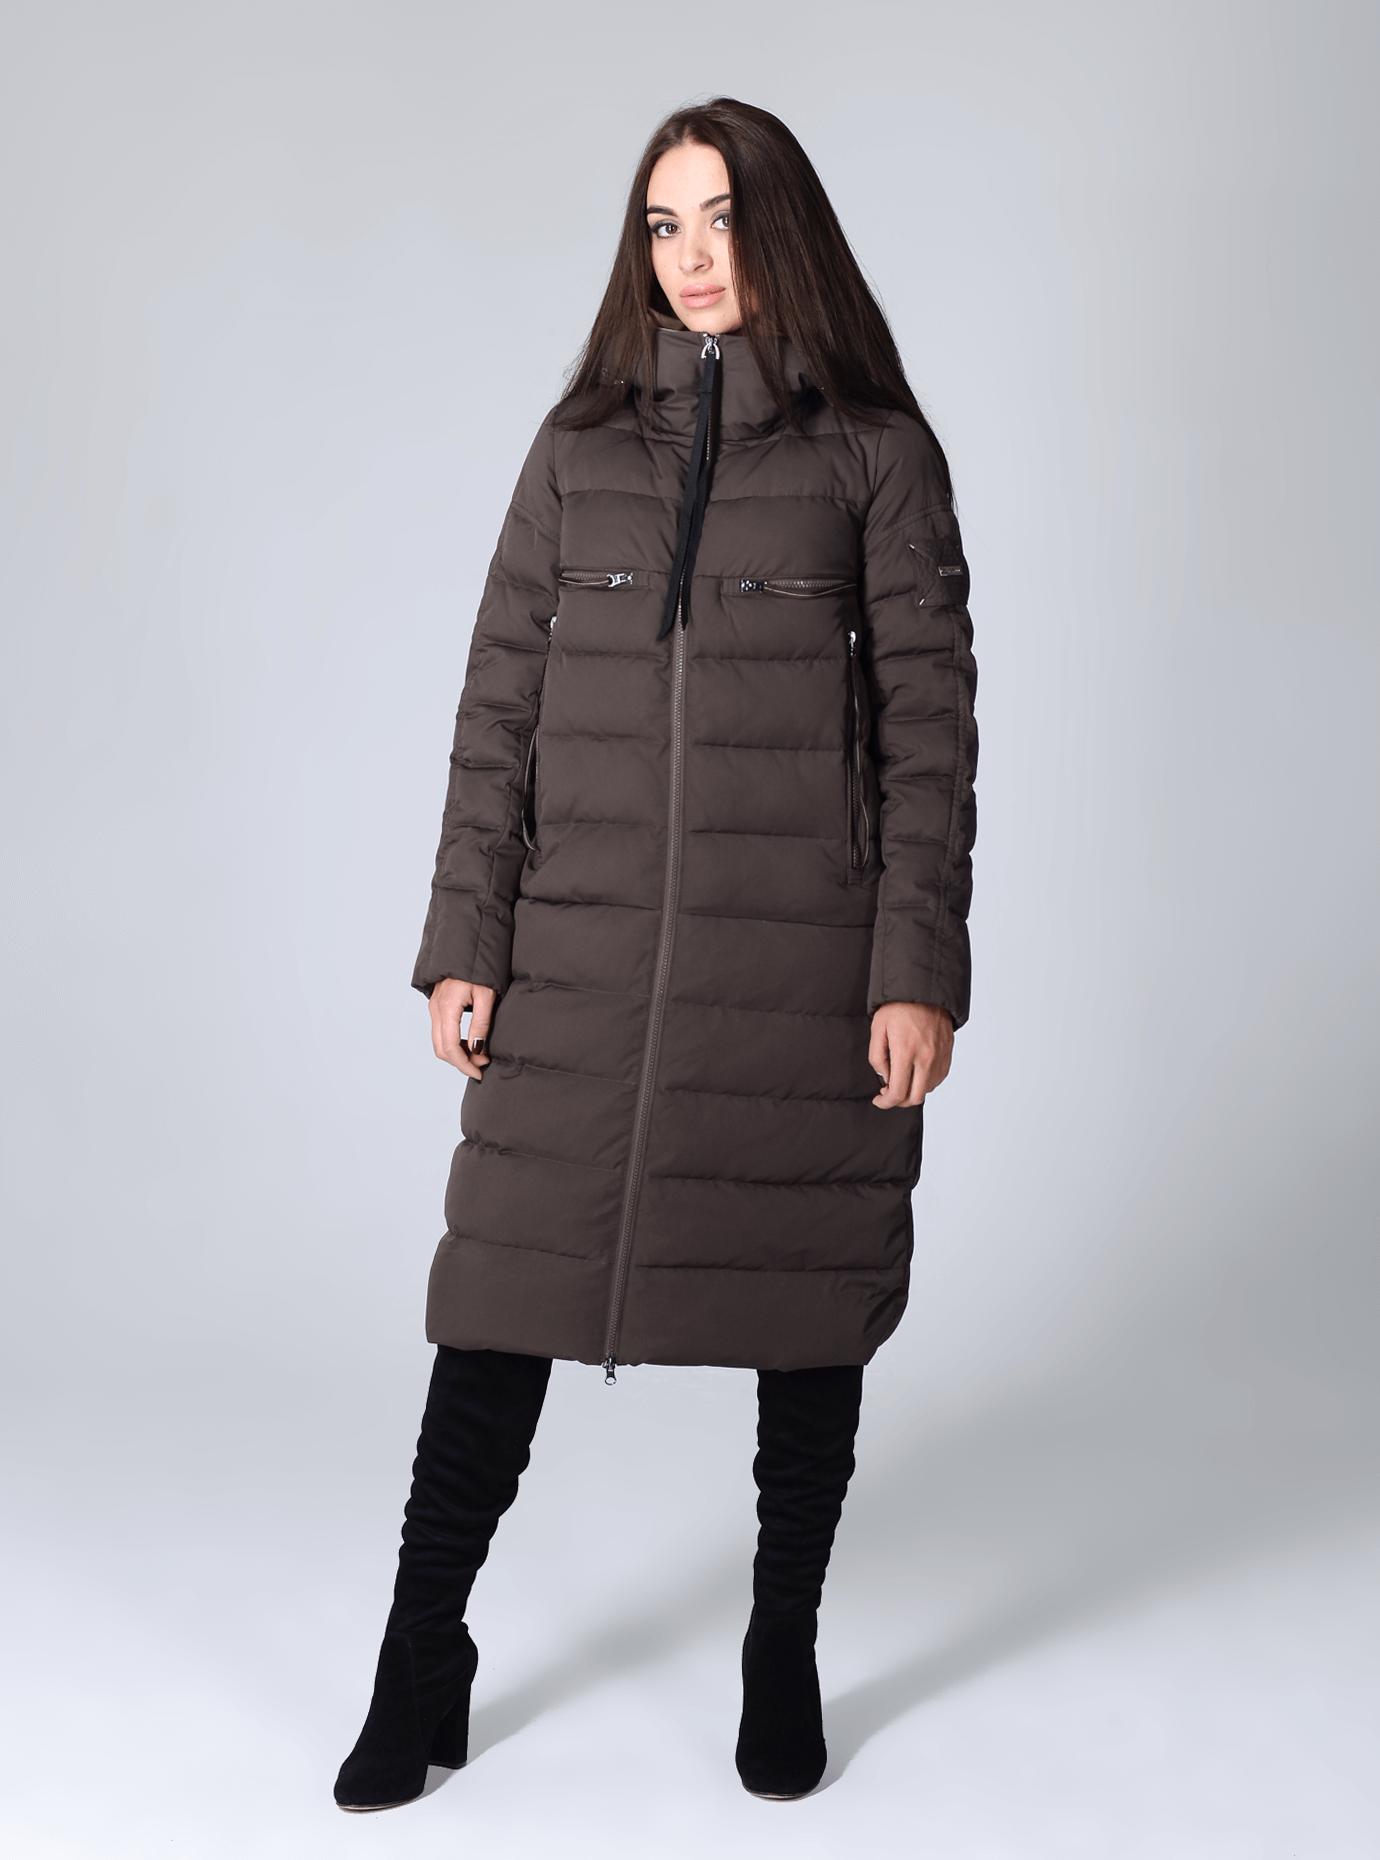 Куртка зимняя женская удлинённая Чёрный S (02-CR170261): фото - Alster.ua